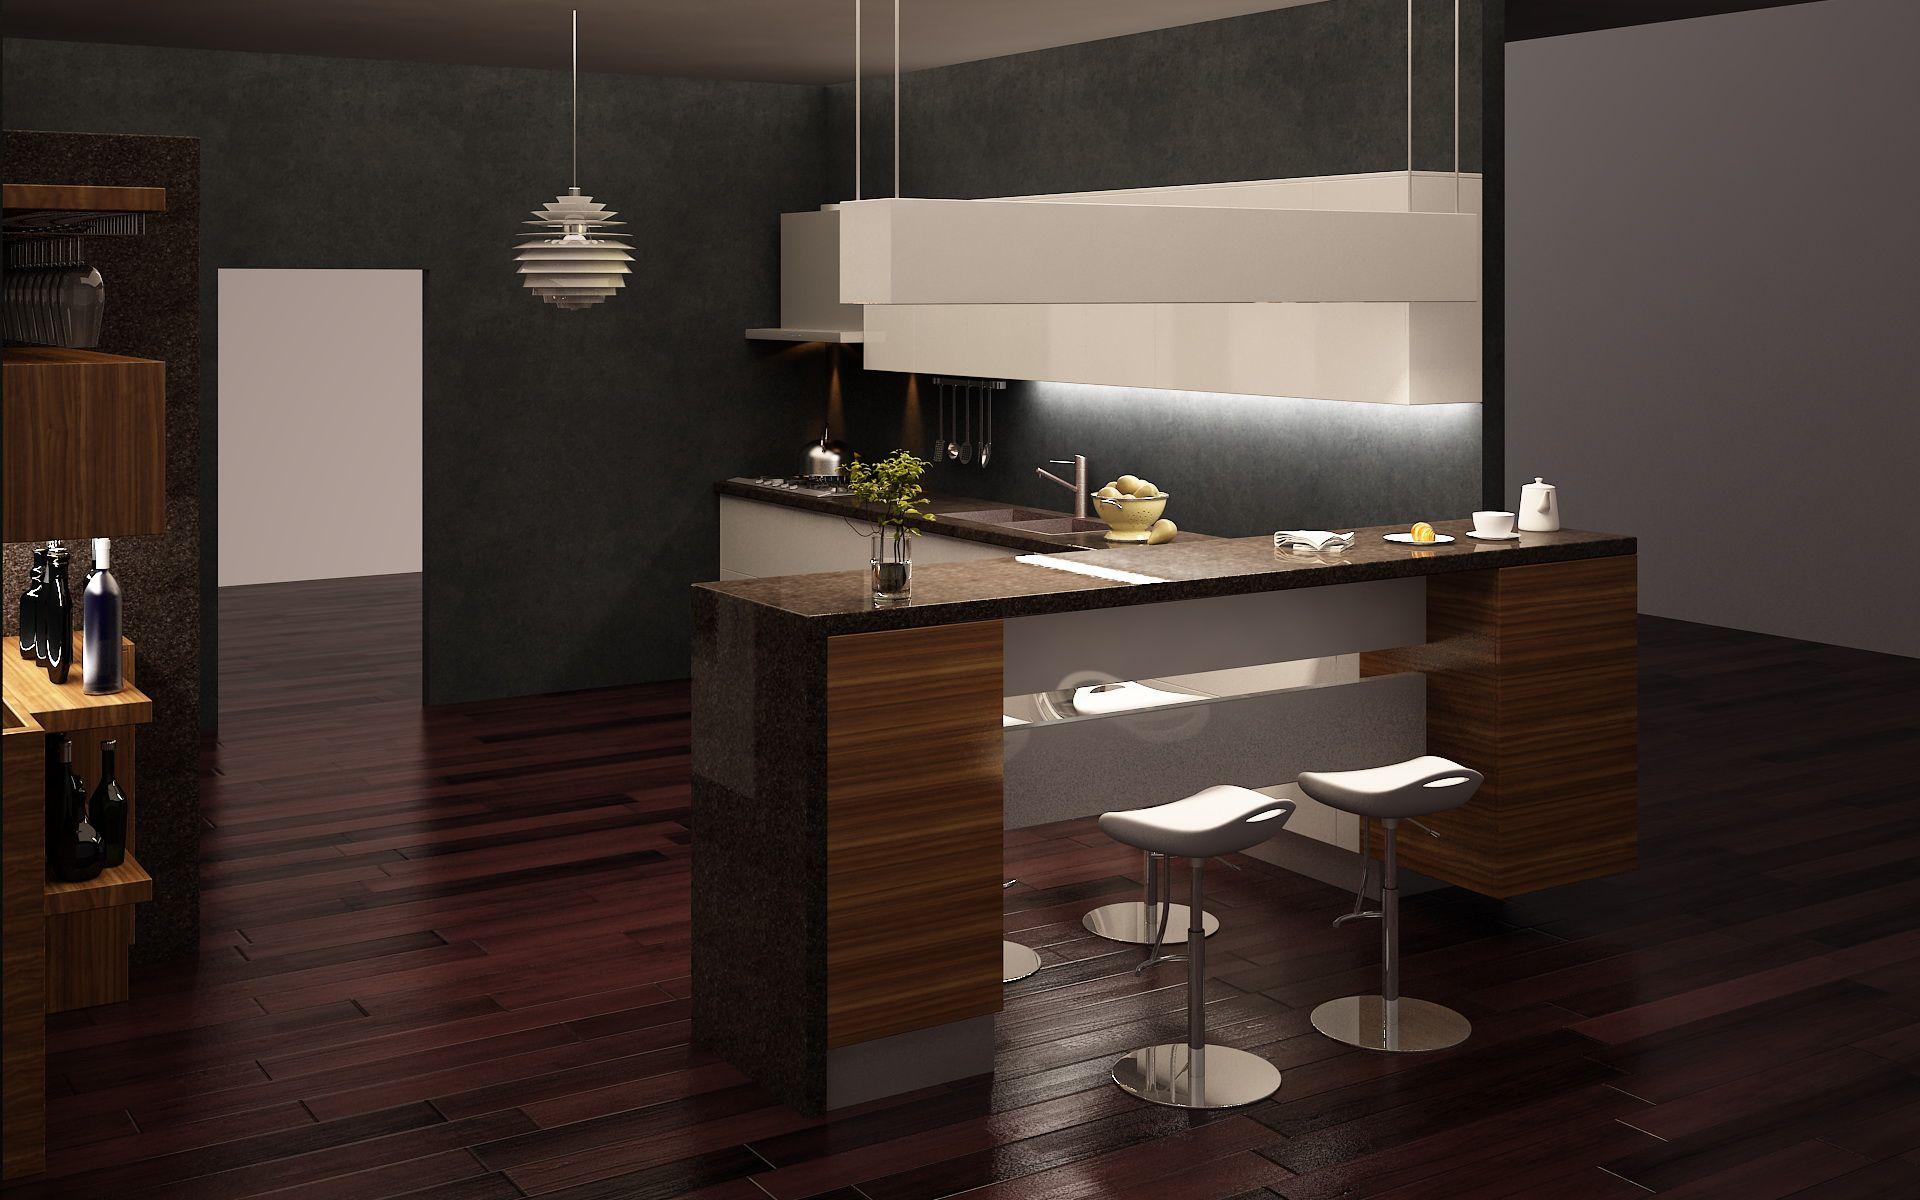 II kitchen (3)_result